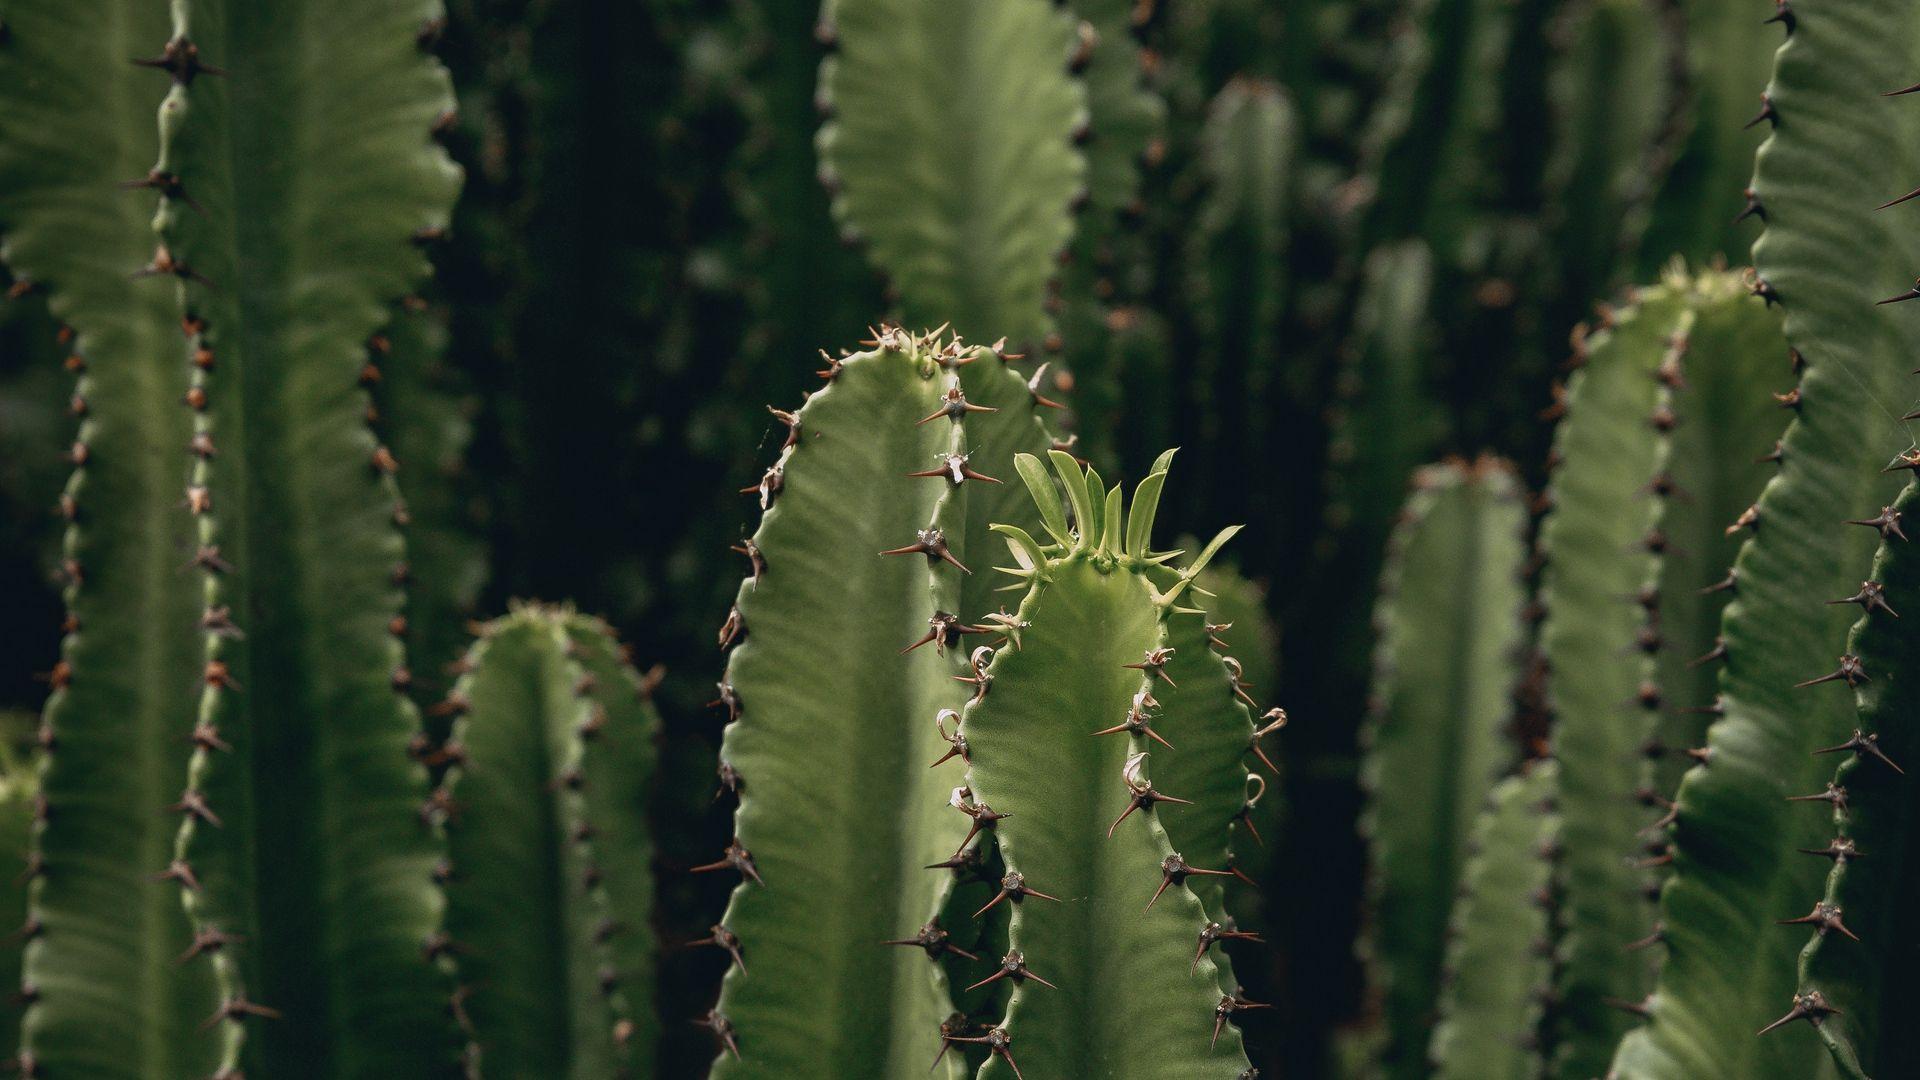 Cactus HD Wallpaper